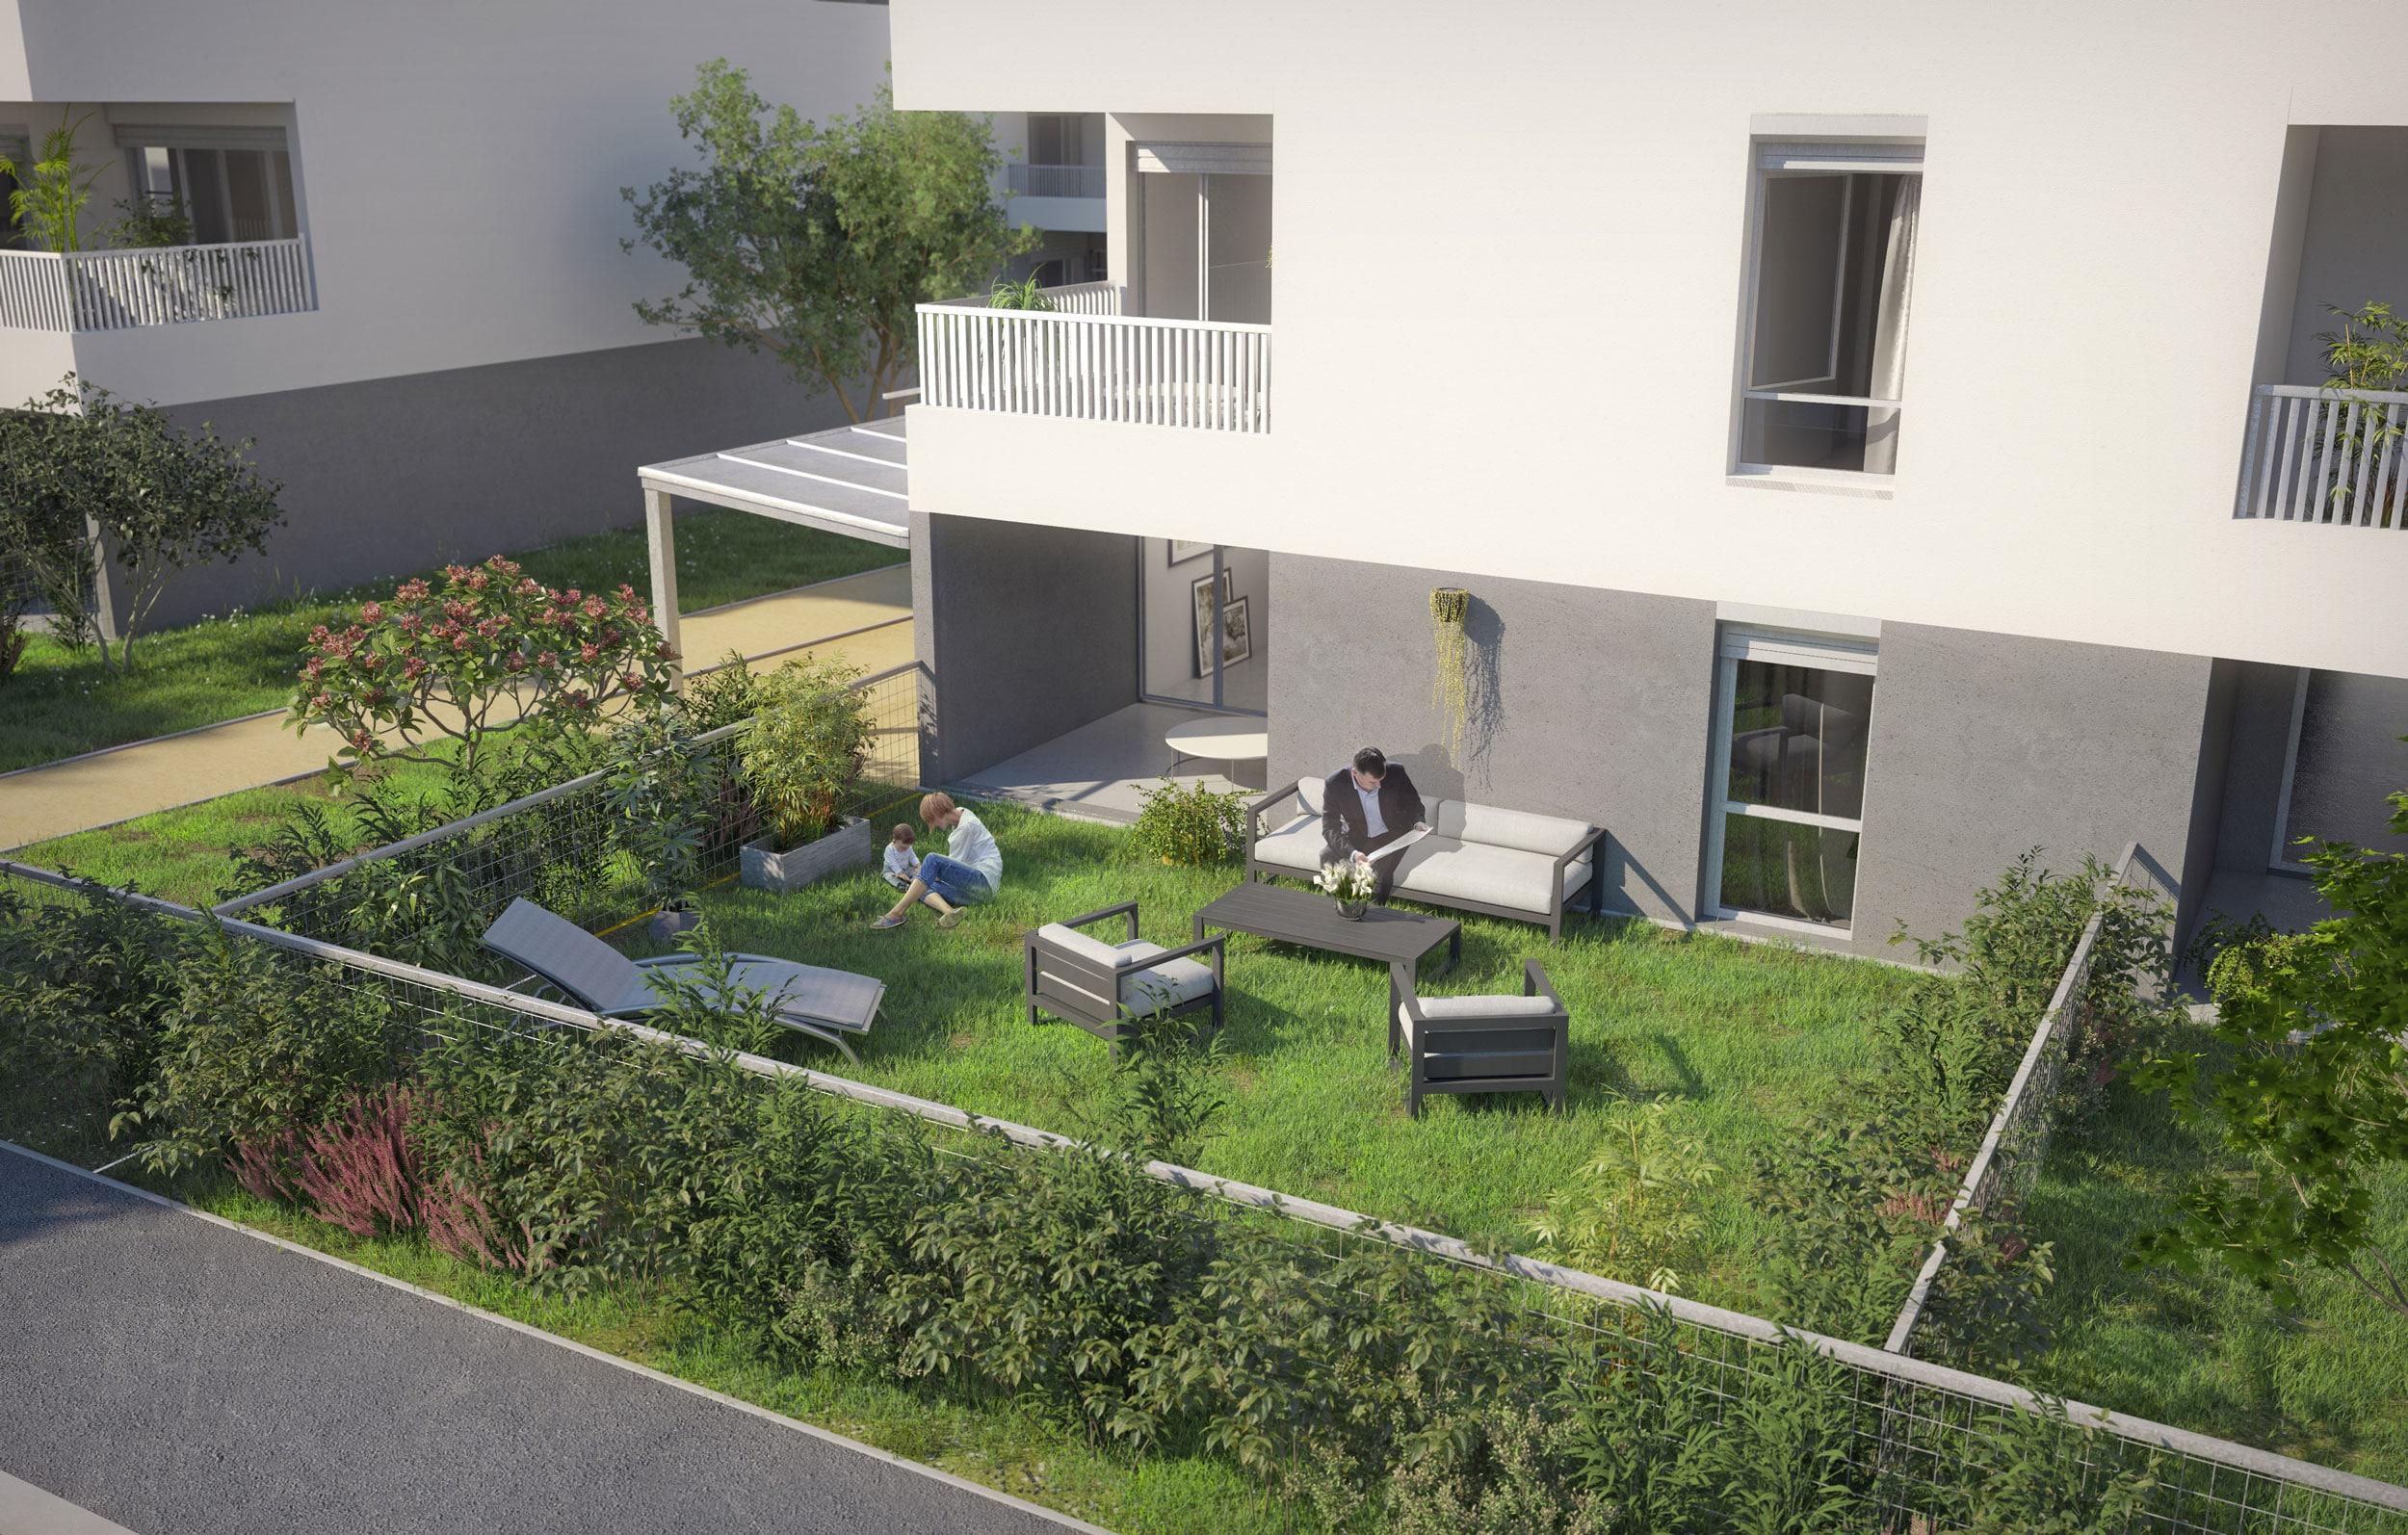 Programme Immobilier Logements Collectifs Canopée, vue extérieure avec jardin.